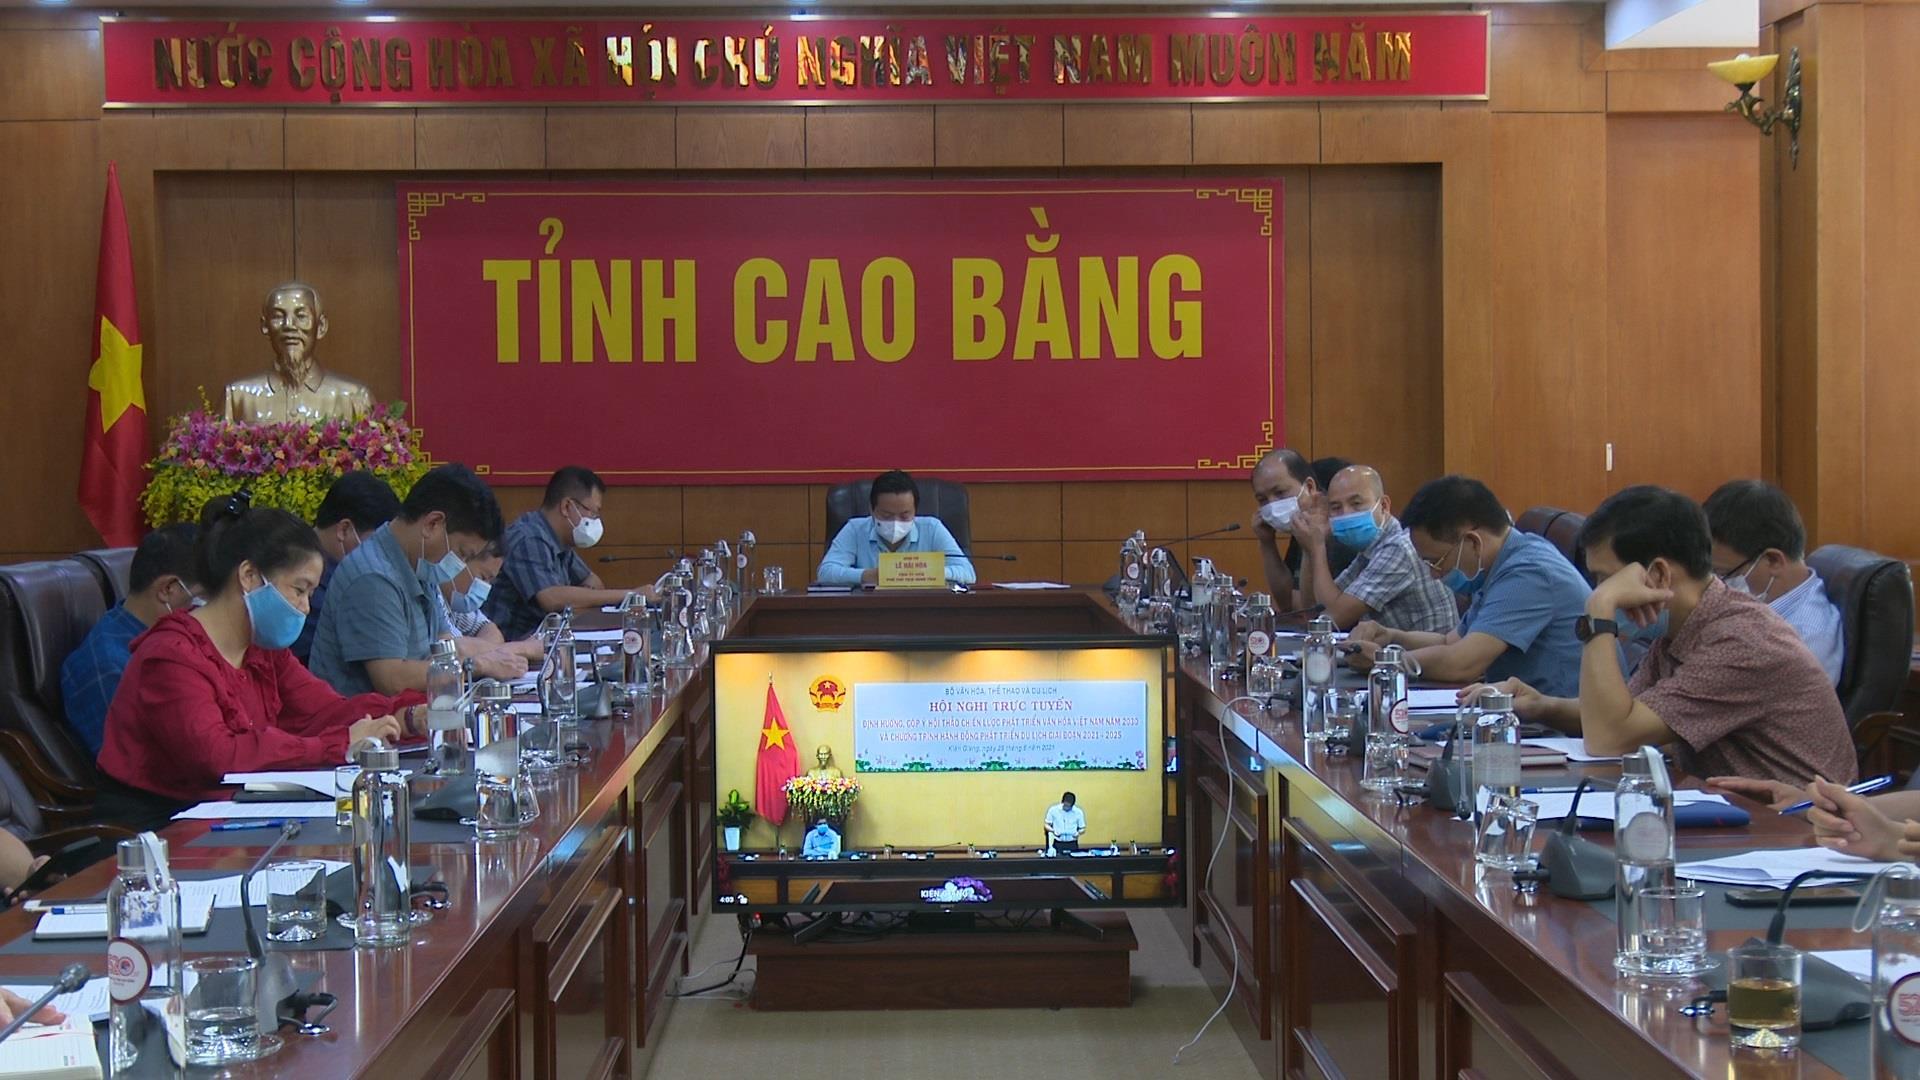 """Hội nghị trực tuyến """"Định hướng, góp ý dự thảo chiến lược văn hóa Việt Nam đến năm 2030 và Chương trình hành động phát triển du lịch, giai đoạn 2021 - 2025"""""""